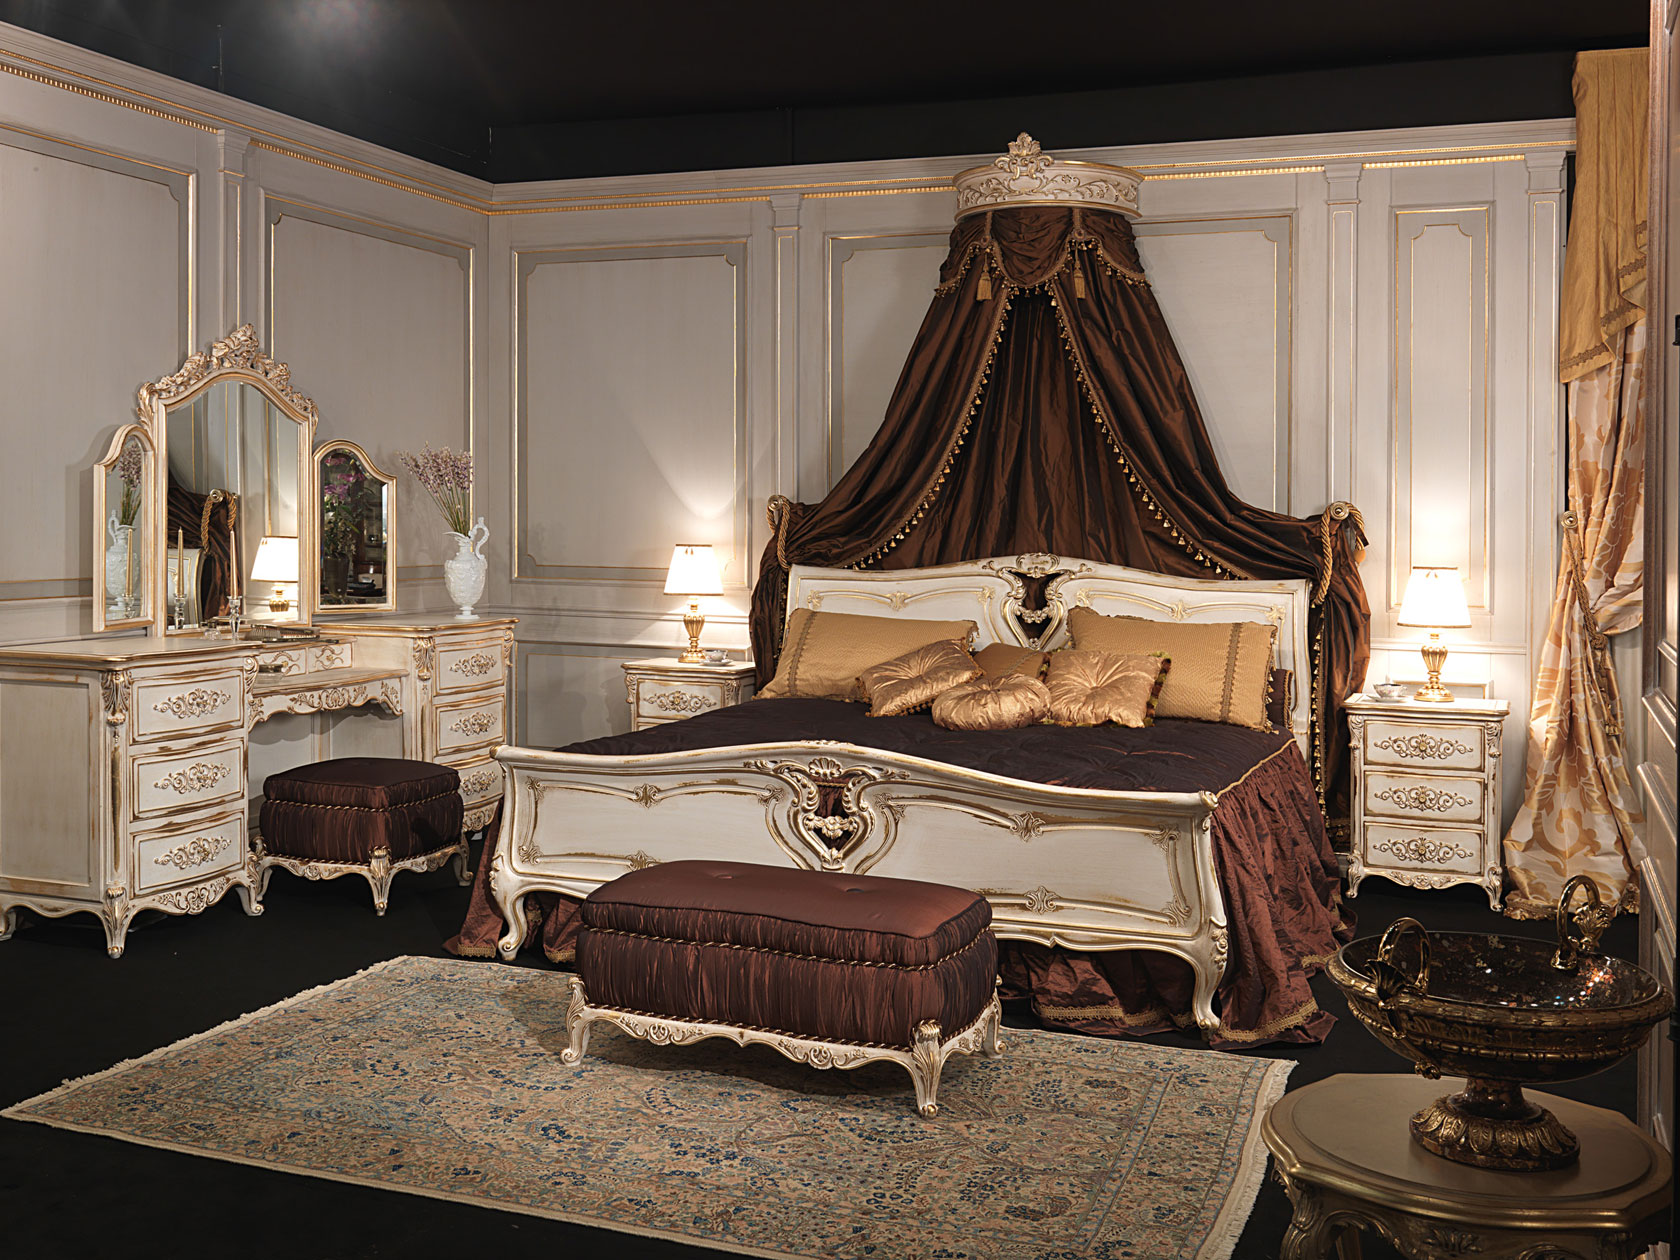 Camera da letto classica in stile luigi xvi letto in for Letto stile fattoria